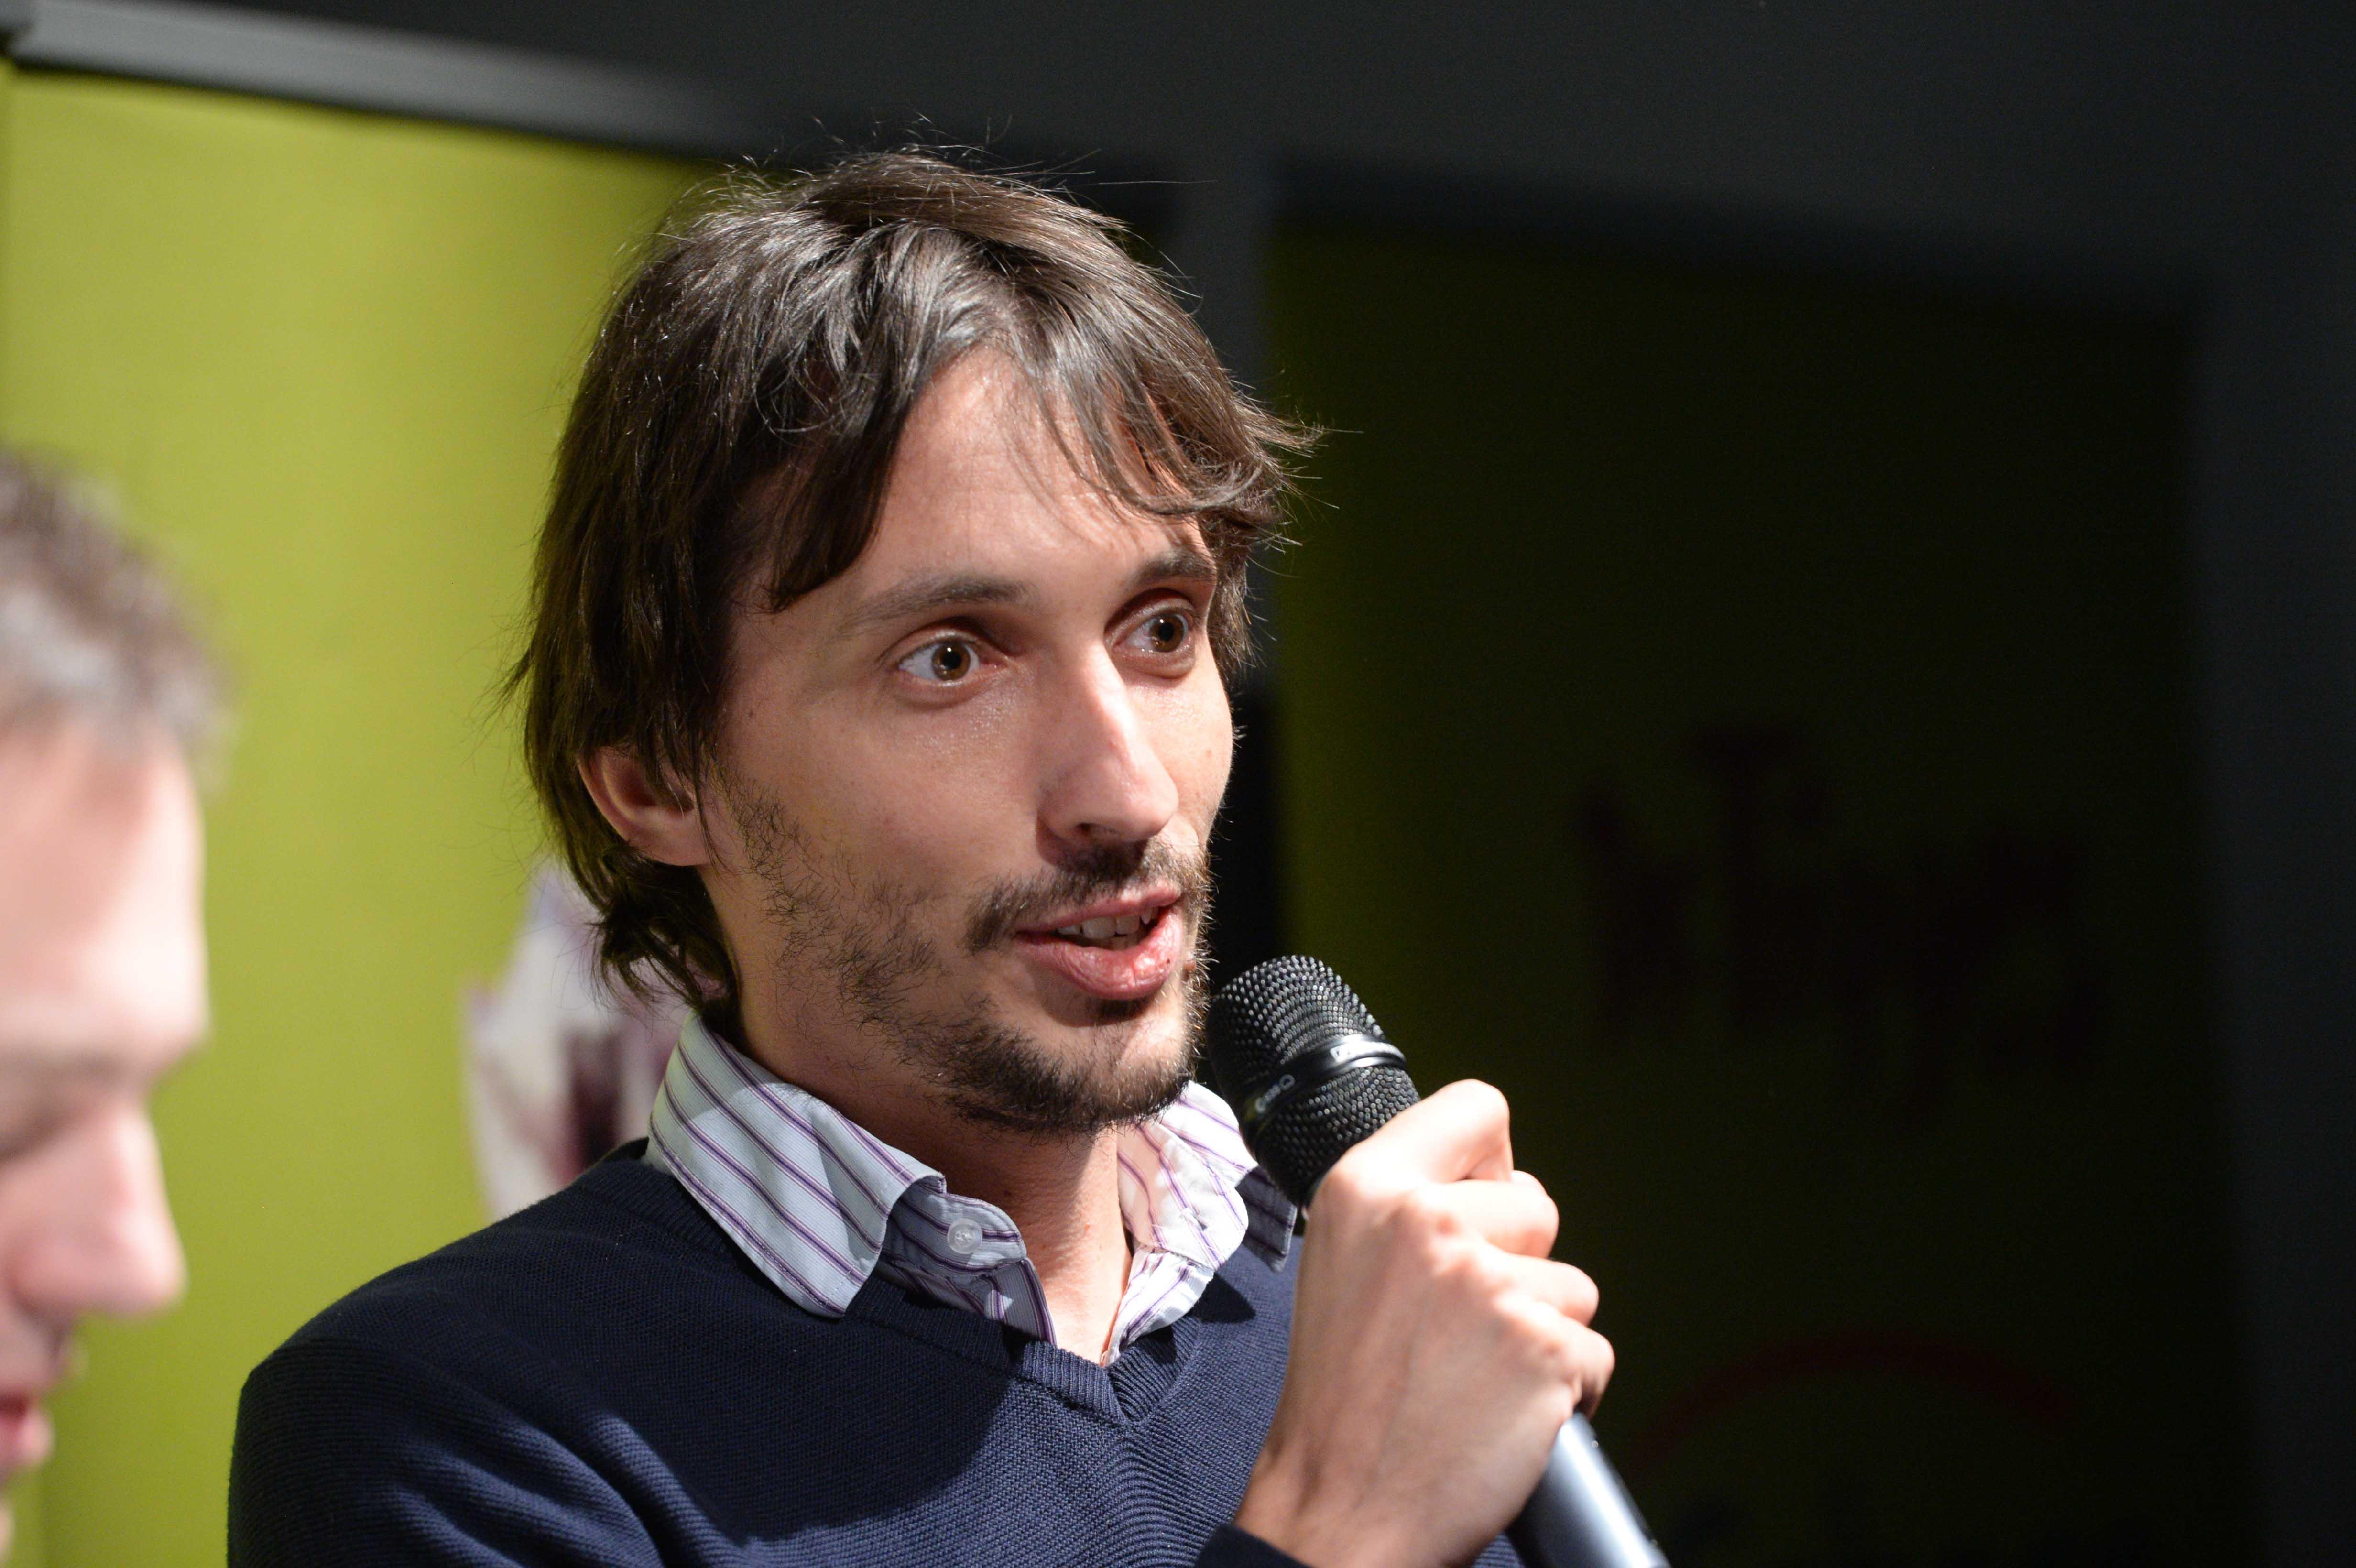 Columbus Autoren Preisverleihung 2015 Gold Sebastian Erb taz web